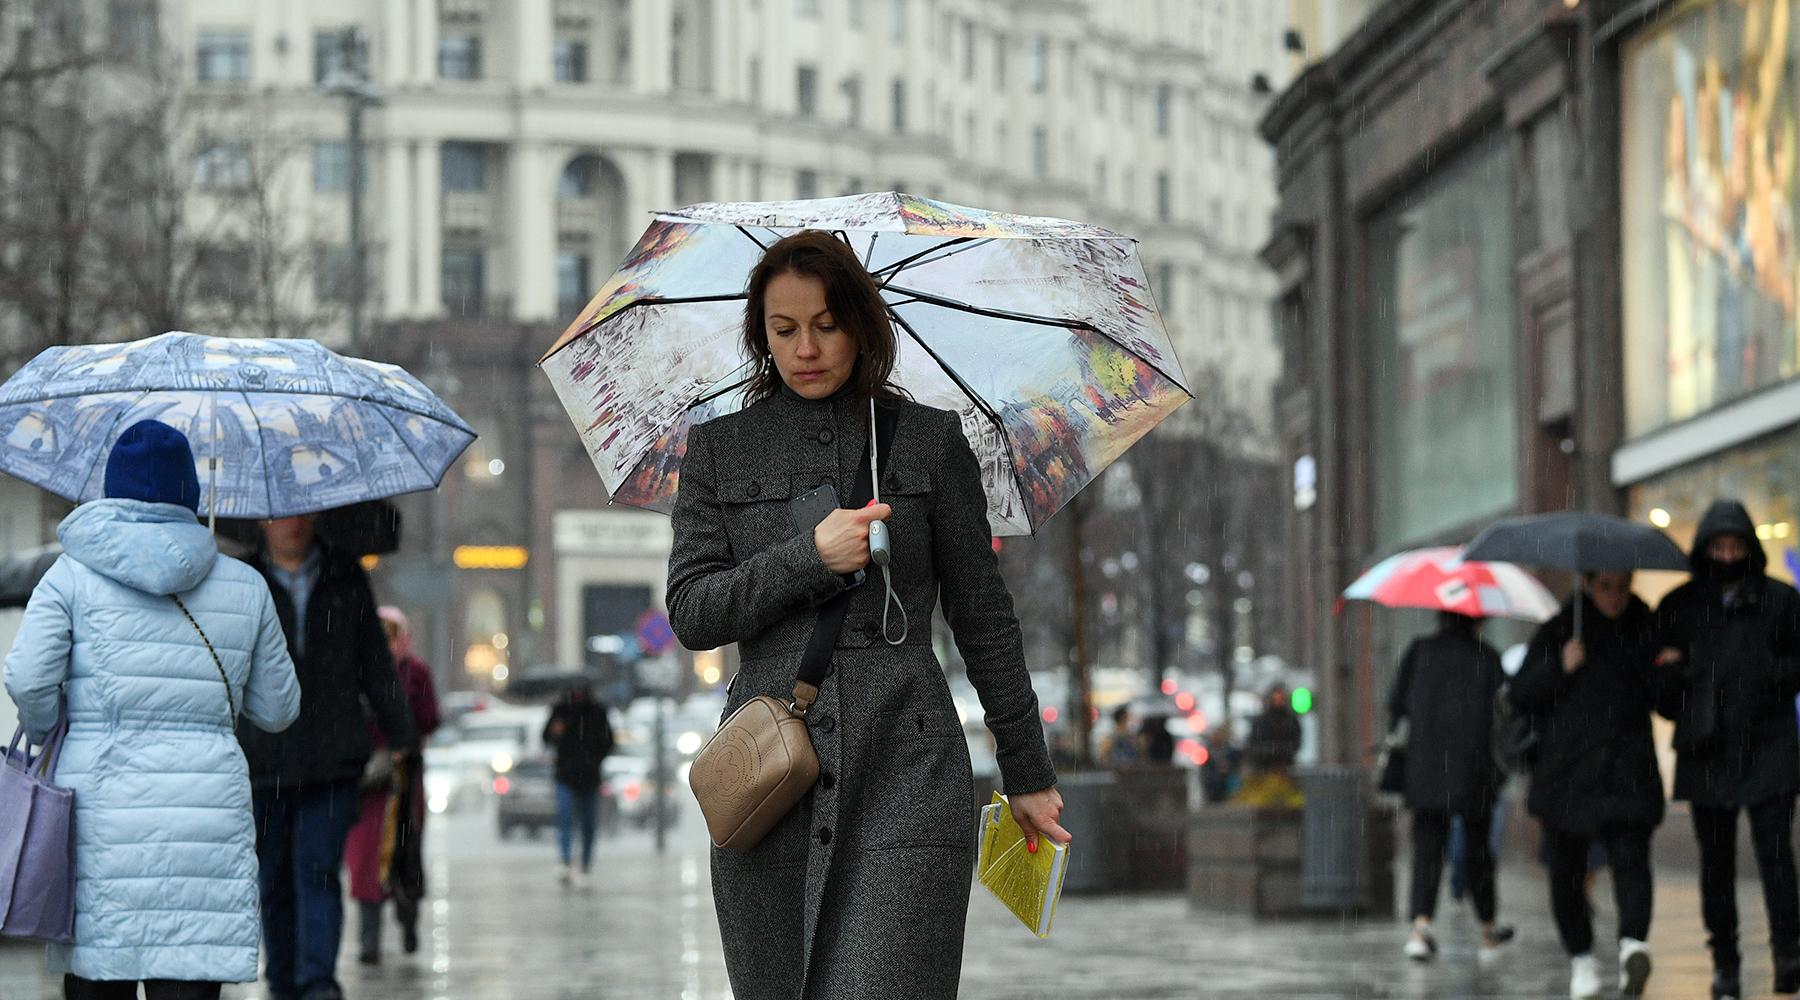 «Выпадет 44% месячной нормы осадков»: синоптики предупредили о сильных ливнях в Москве1